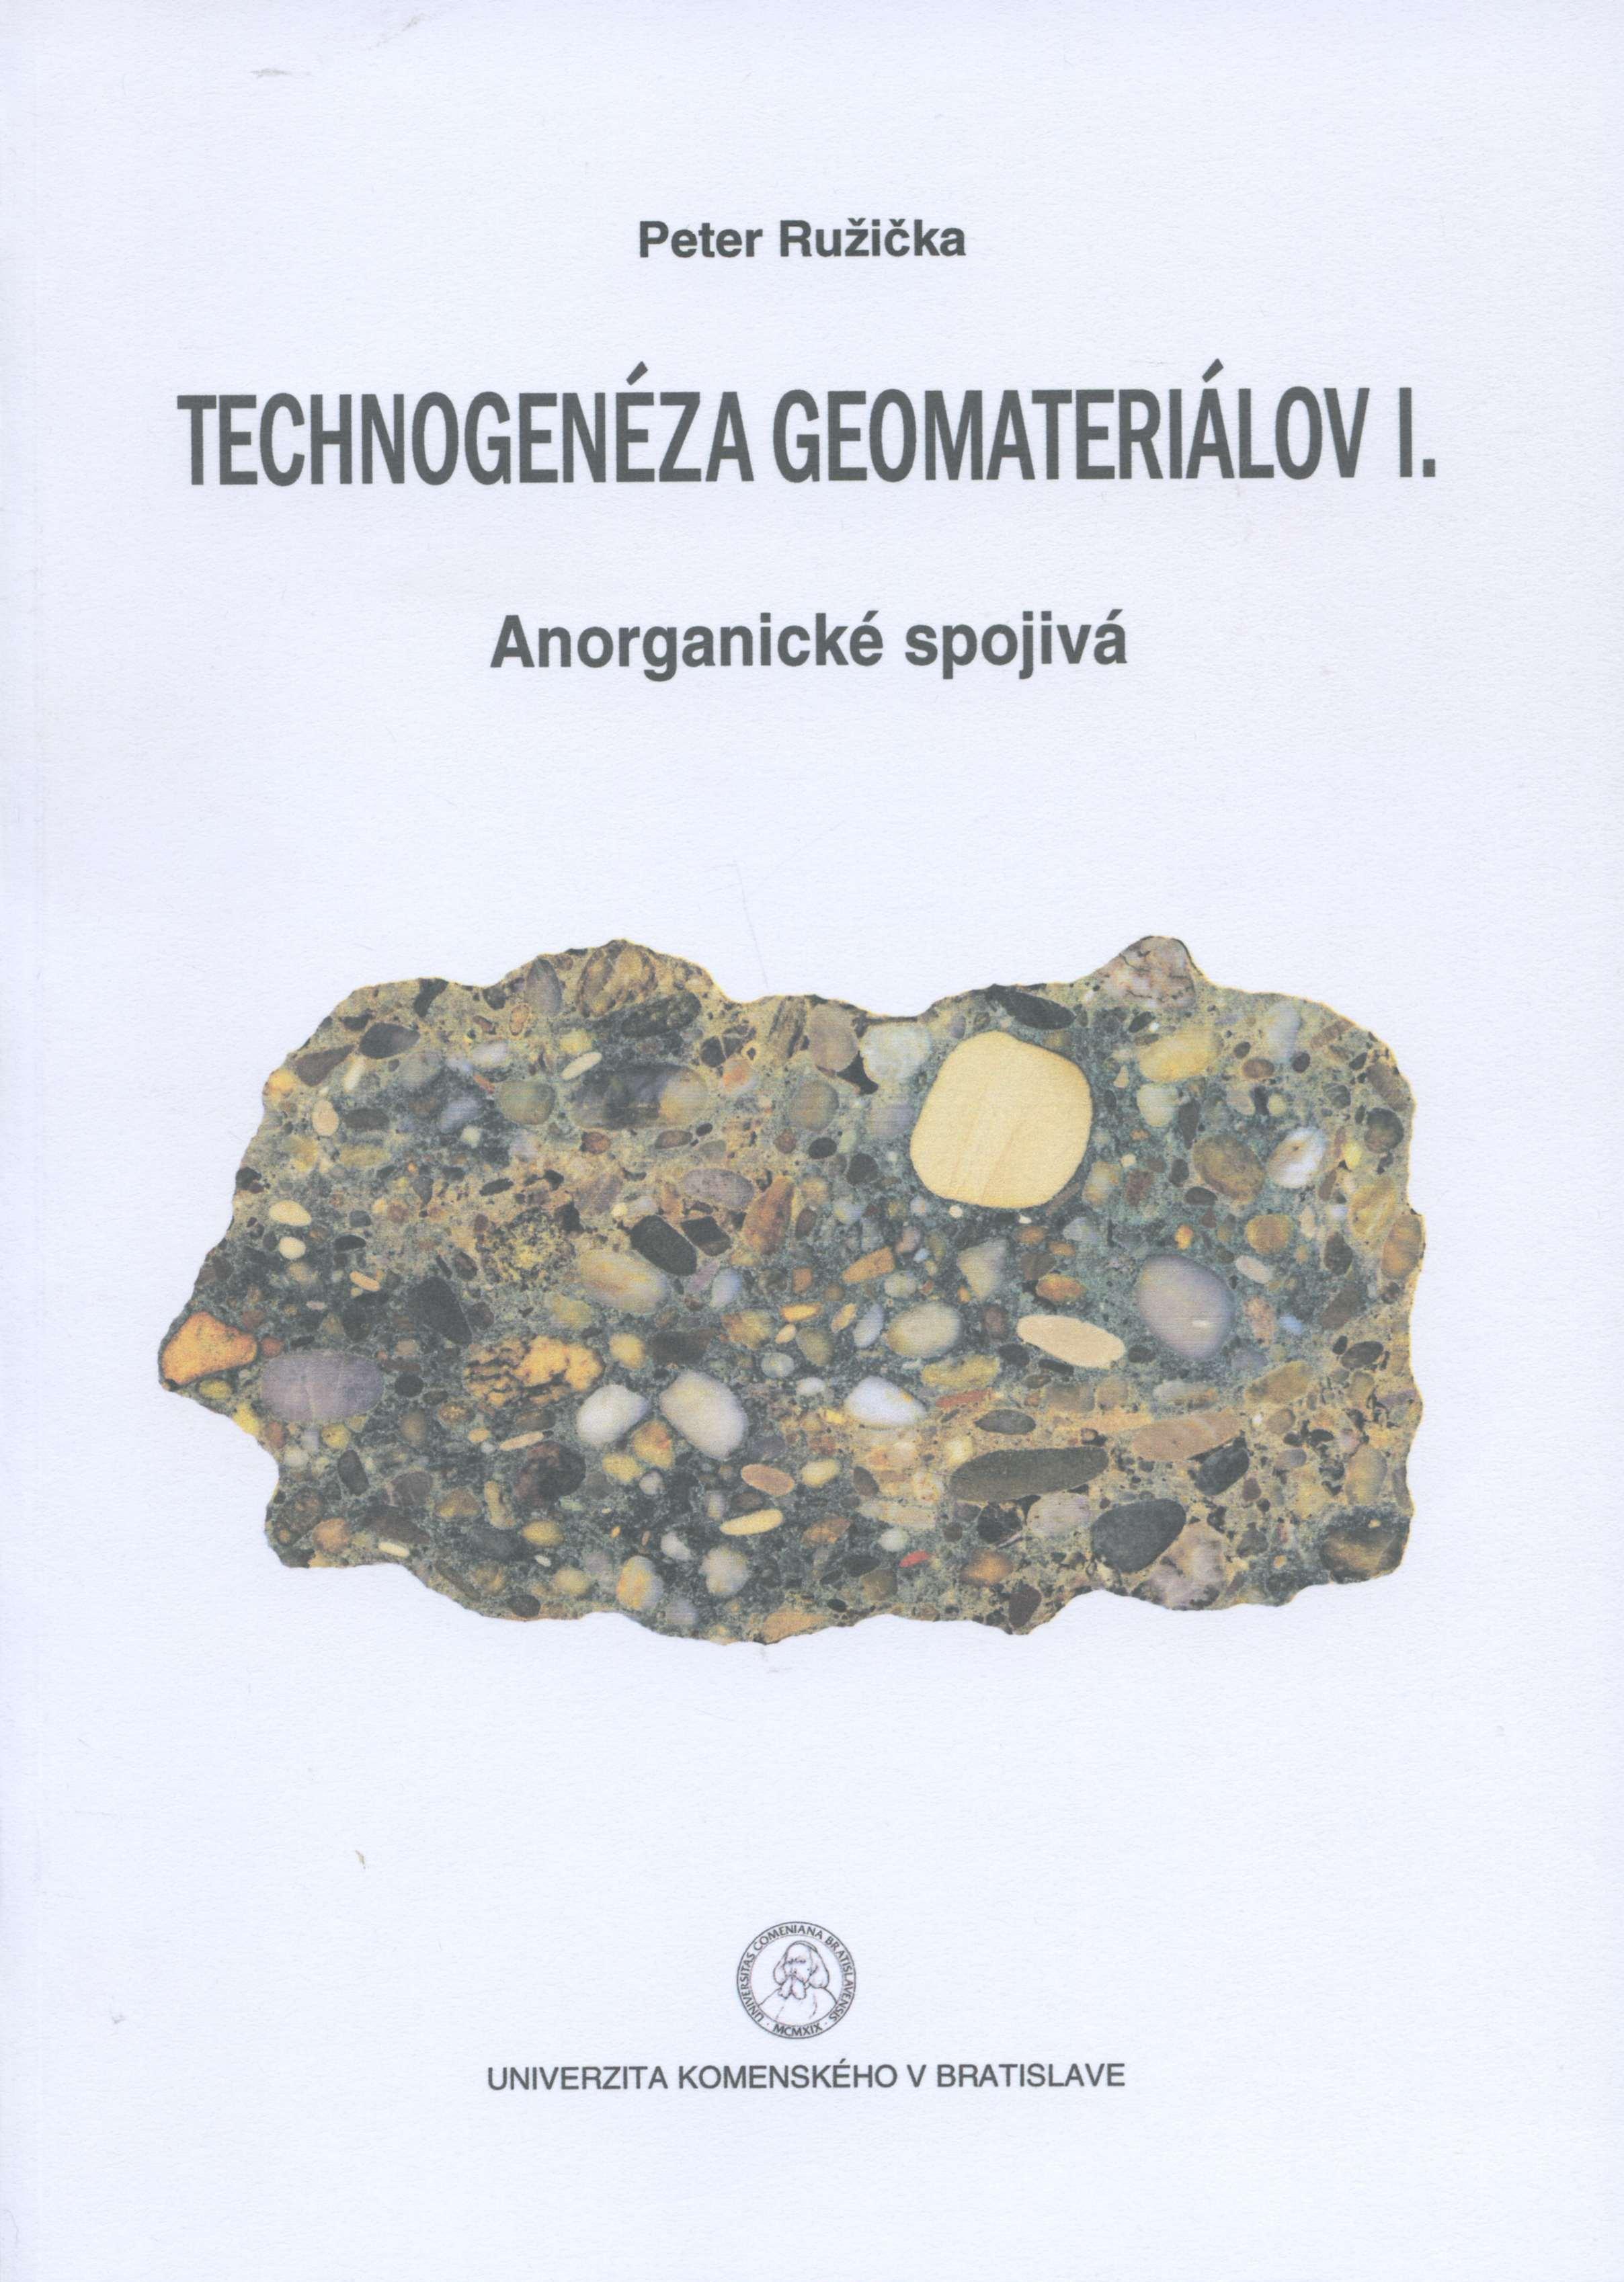 Technogenéza geomateriálov I. - Anorganické spojivá